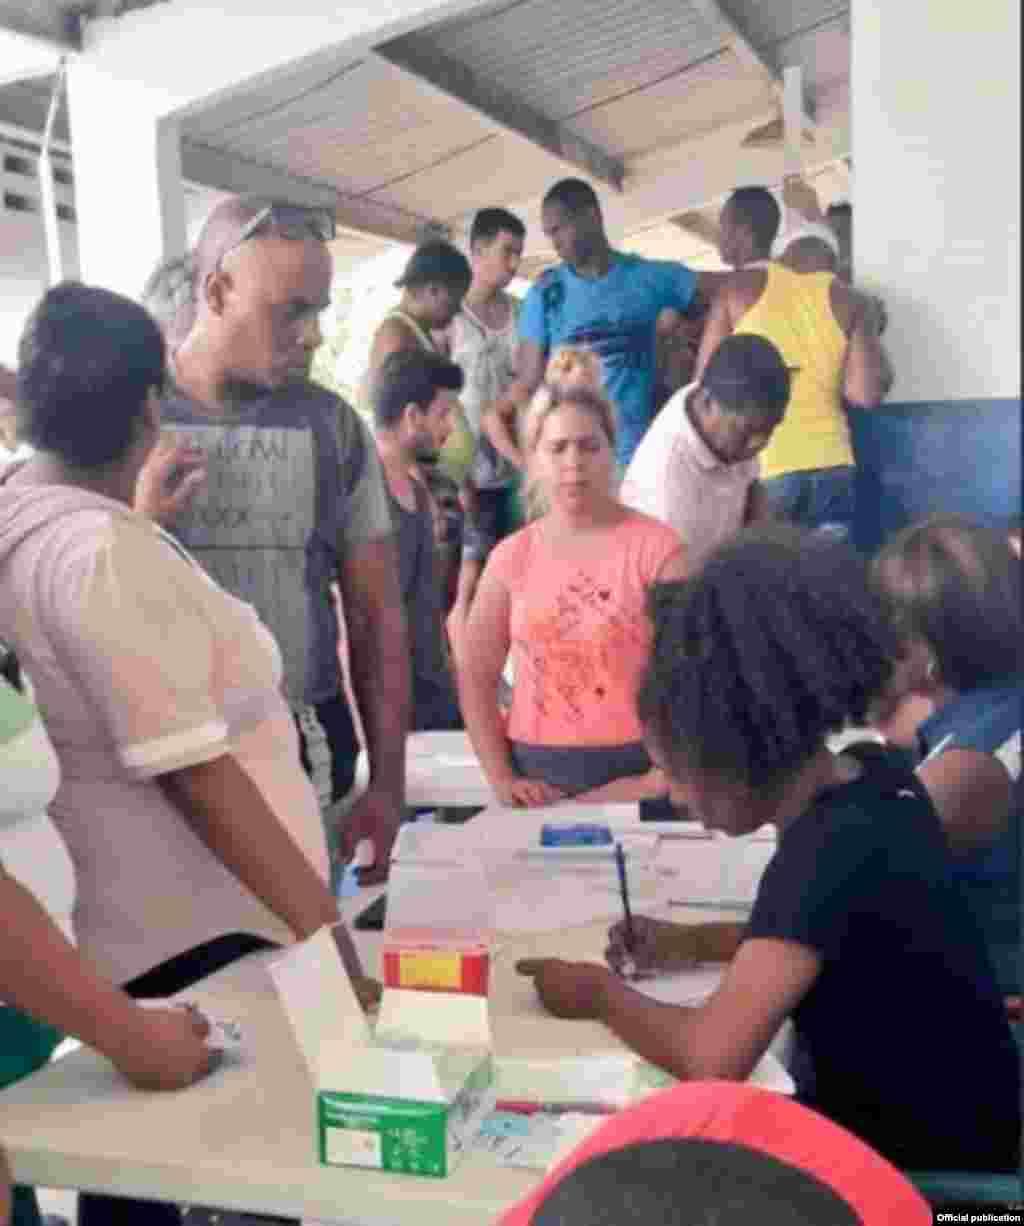 Caravana de migrantes cubanos en Panamá. Foto Servicio Nacional de Fronteras de la República de Panamá.